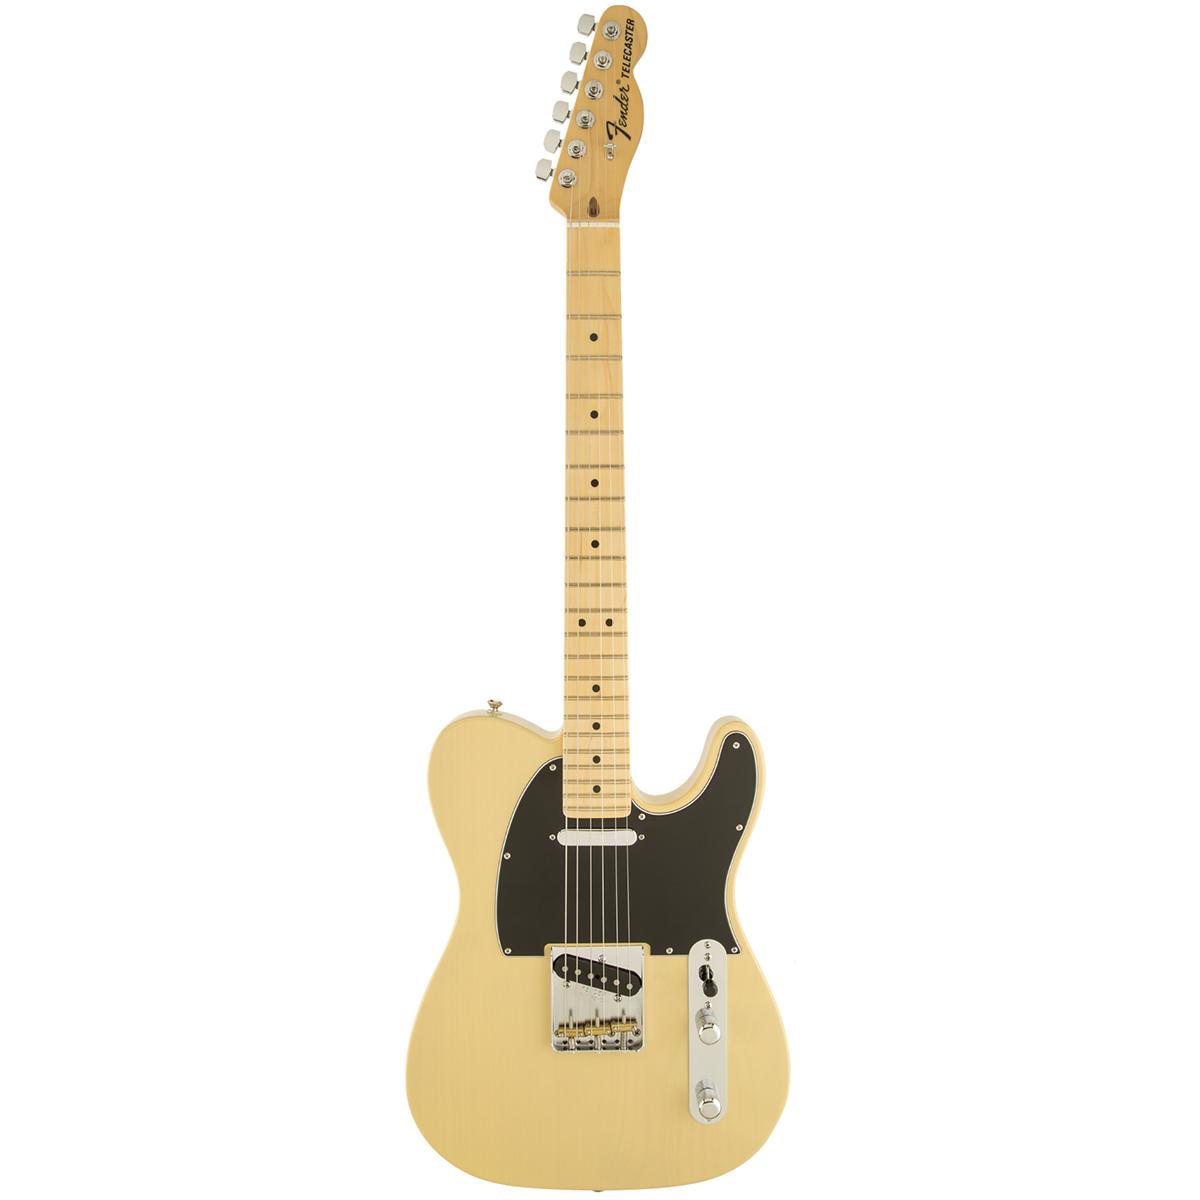 Billede af Fender AmericanSpecialTelecaster,MN,VBL el-guitar vintageblonde